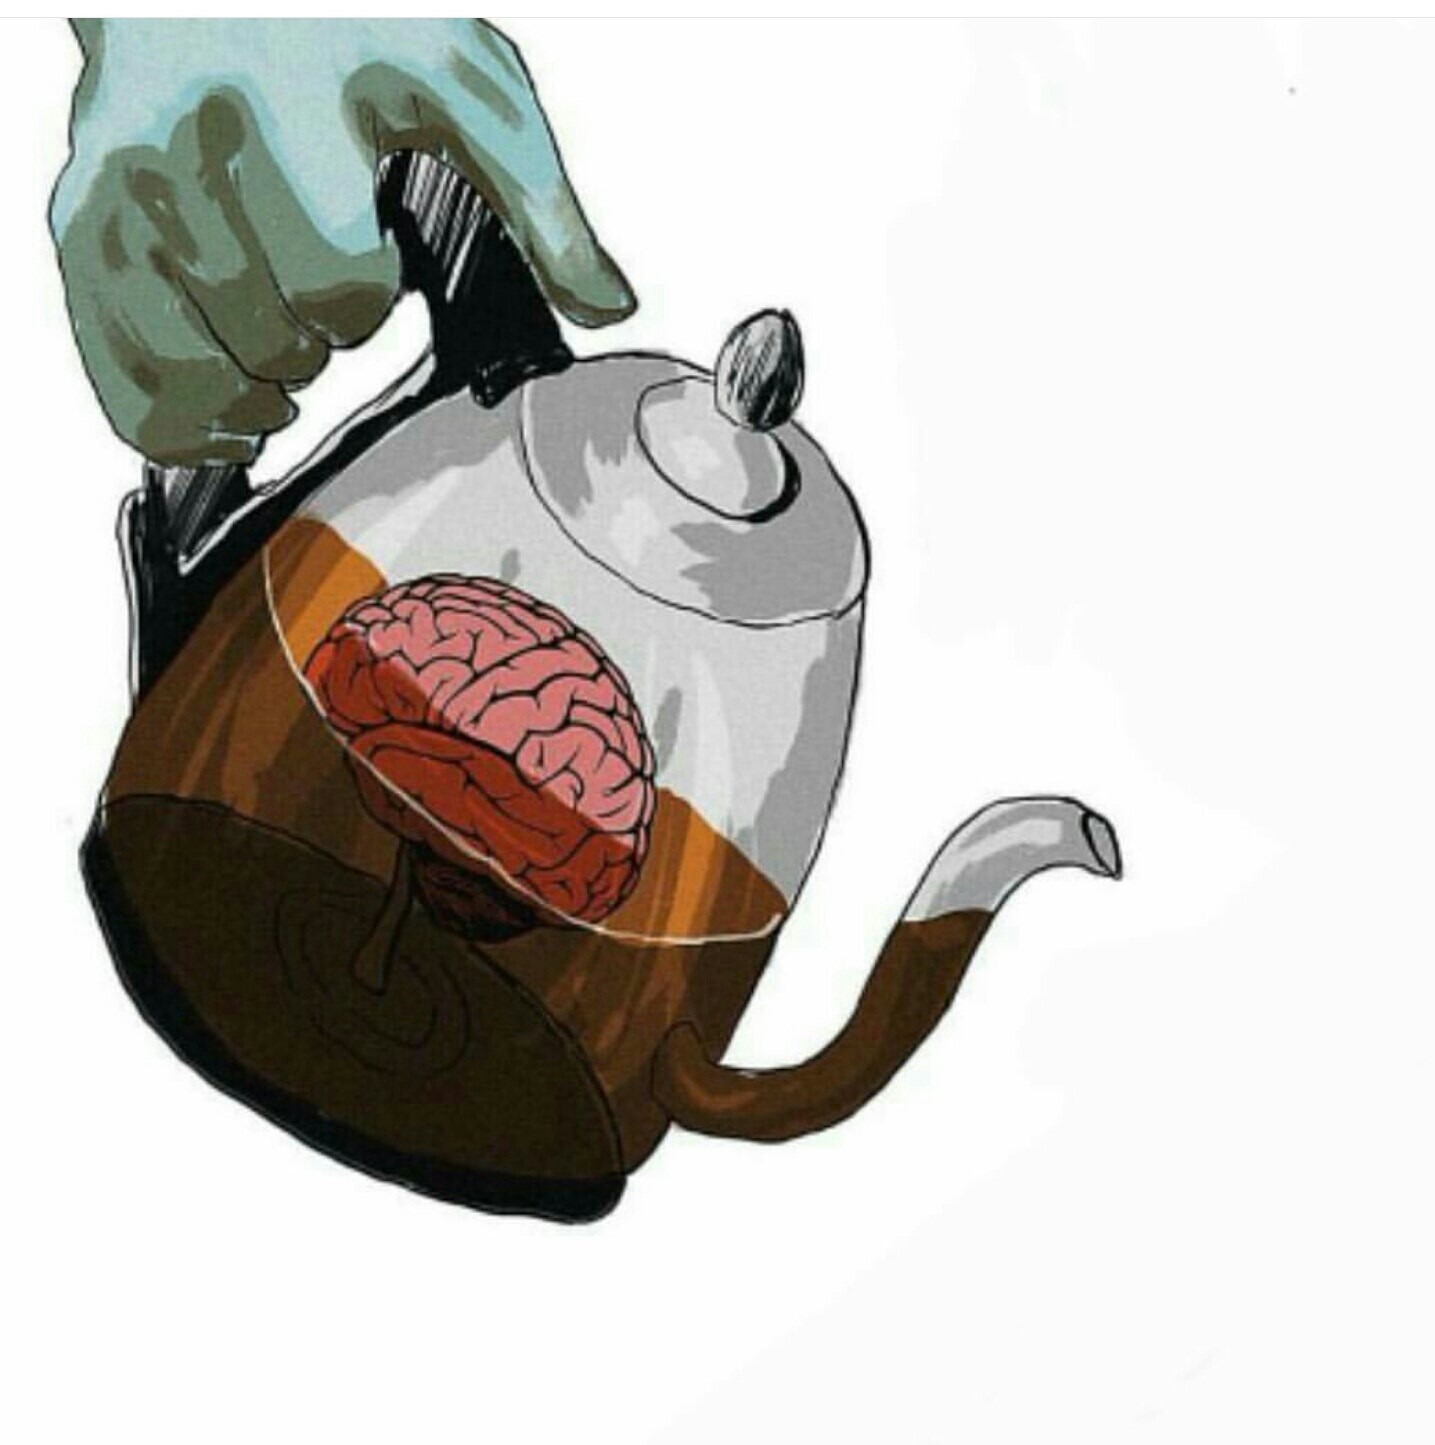 kahve  Kahvenin beyin üzerindeki mükemmel etkilerini keşfedin kahve